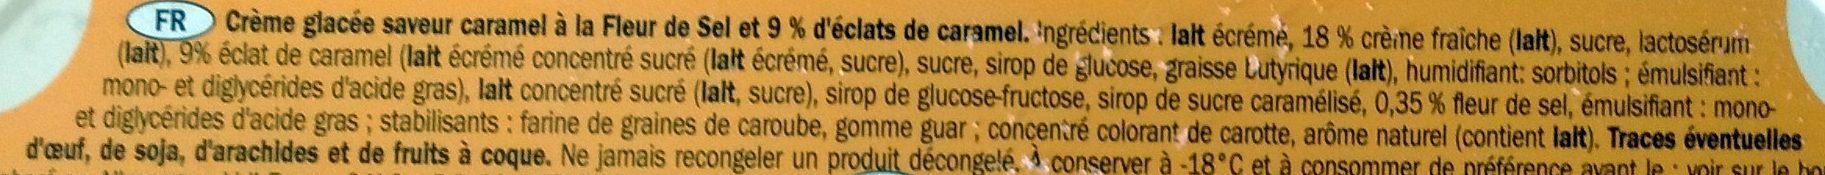 Premium Salted Caramel - Ingredients